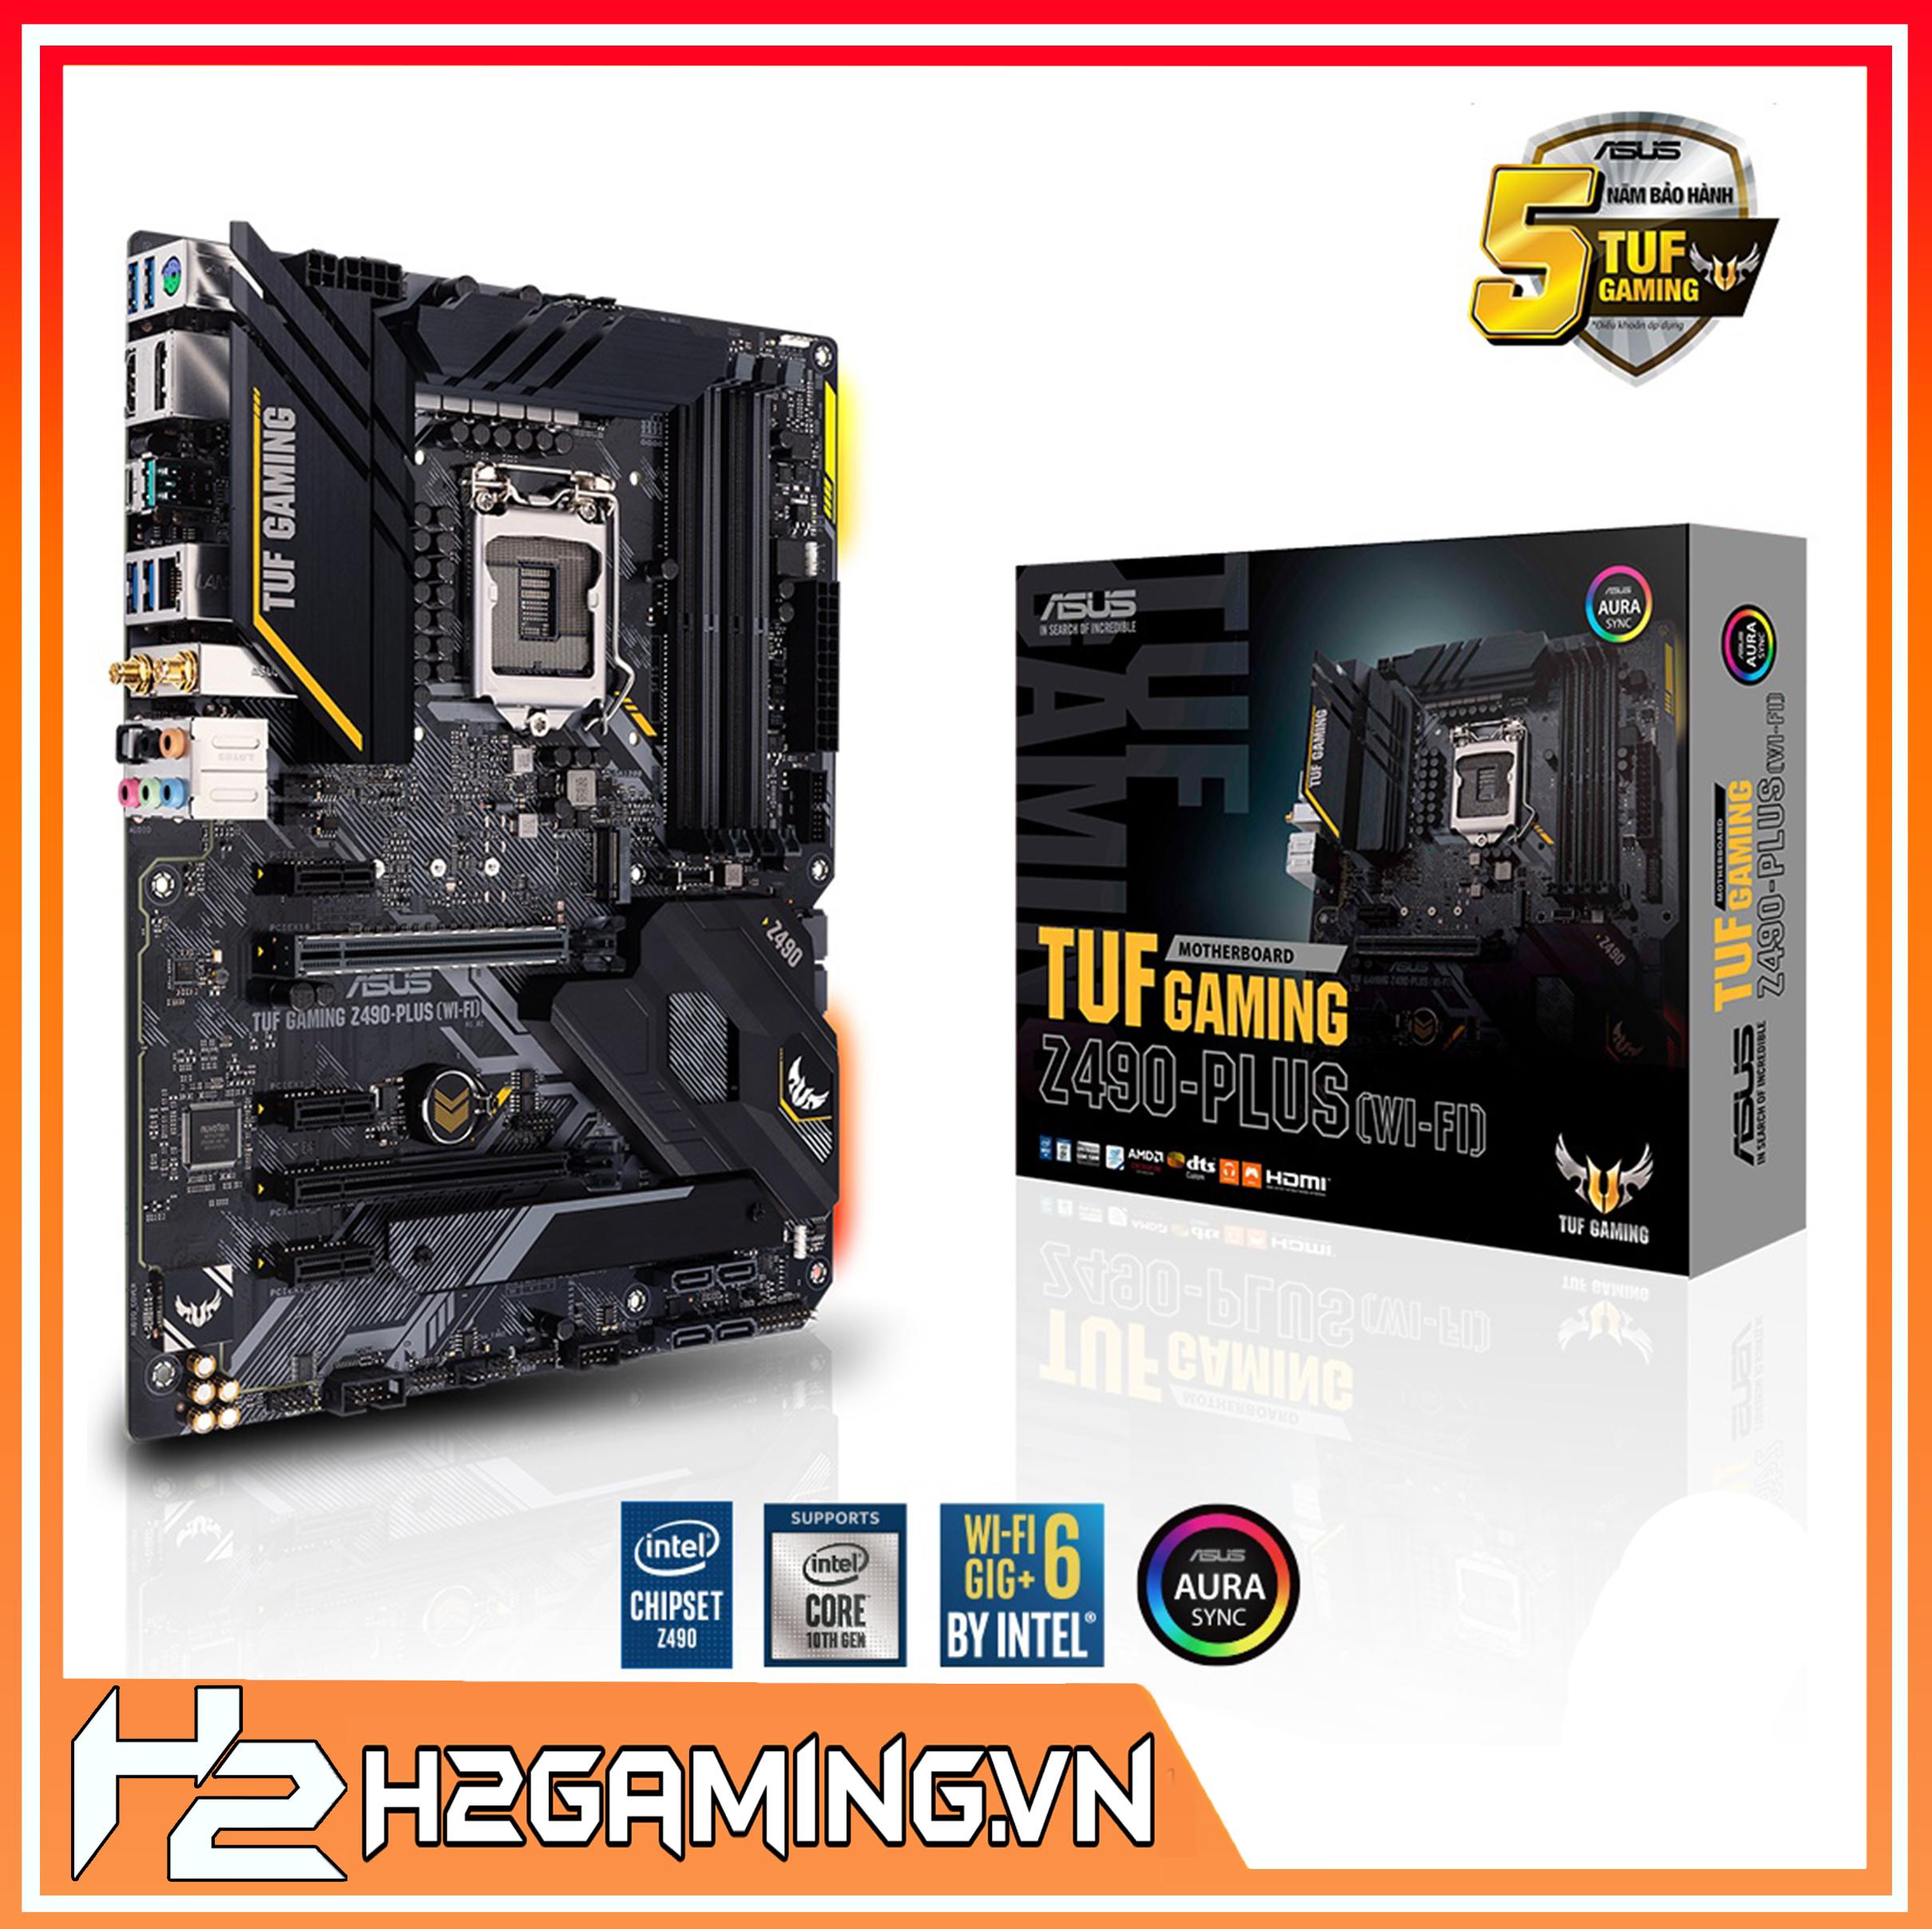 TUF_Gaming_Z490-PLUS_(WI-FI)_3